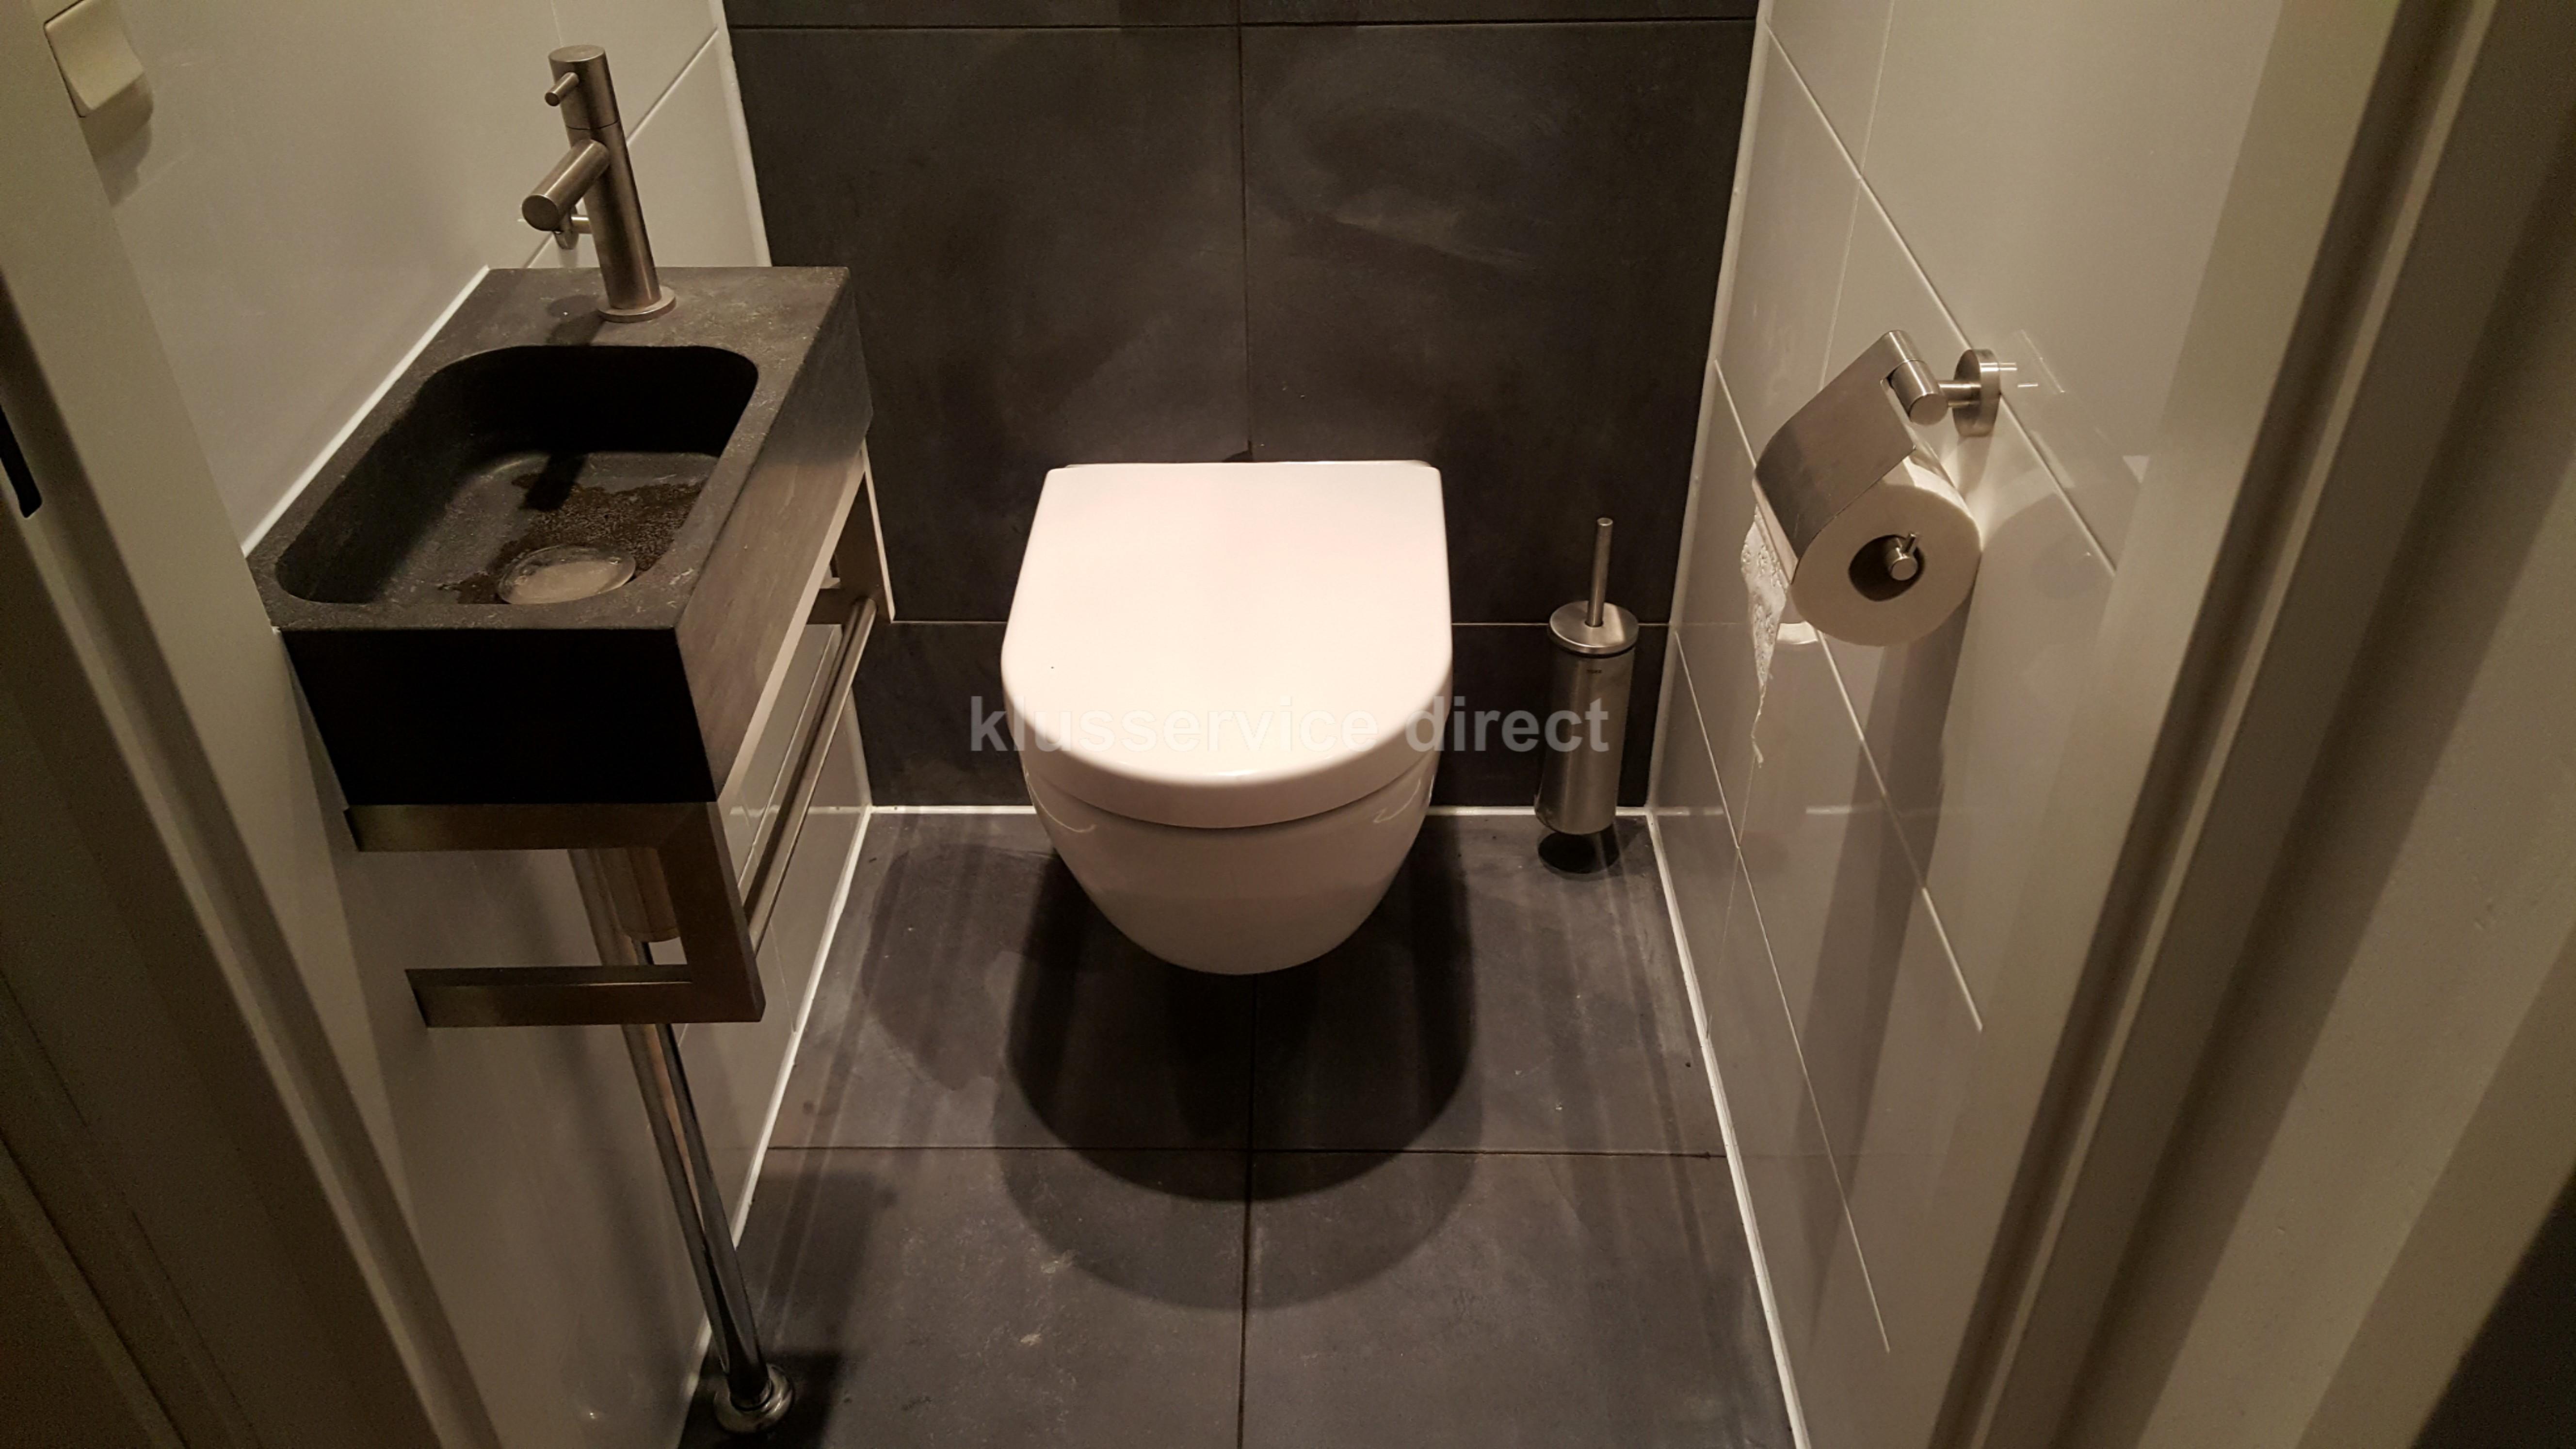 Wc renovatie klusservicedirect - Renovatie wc ...